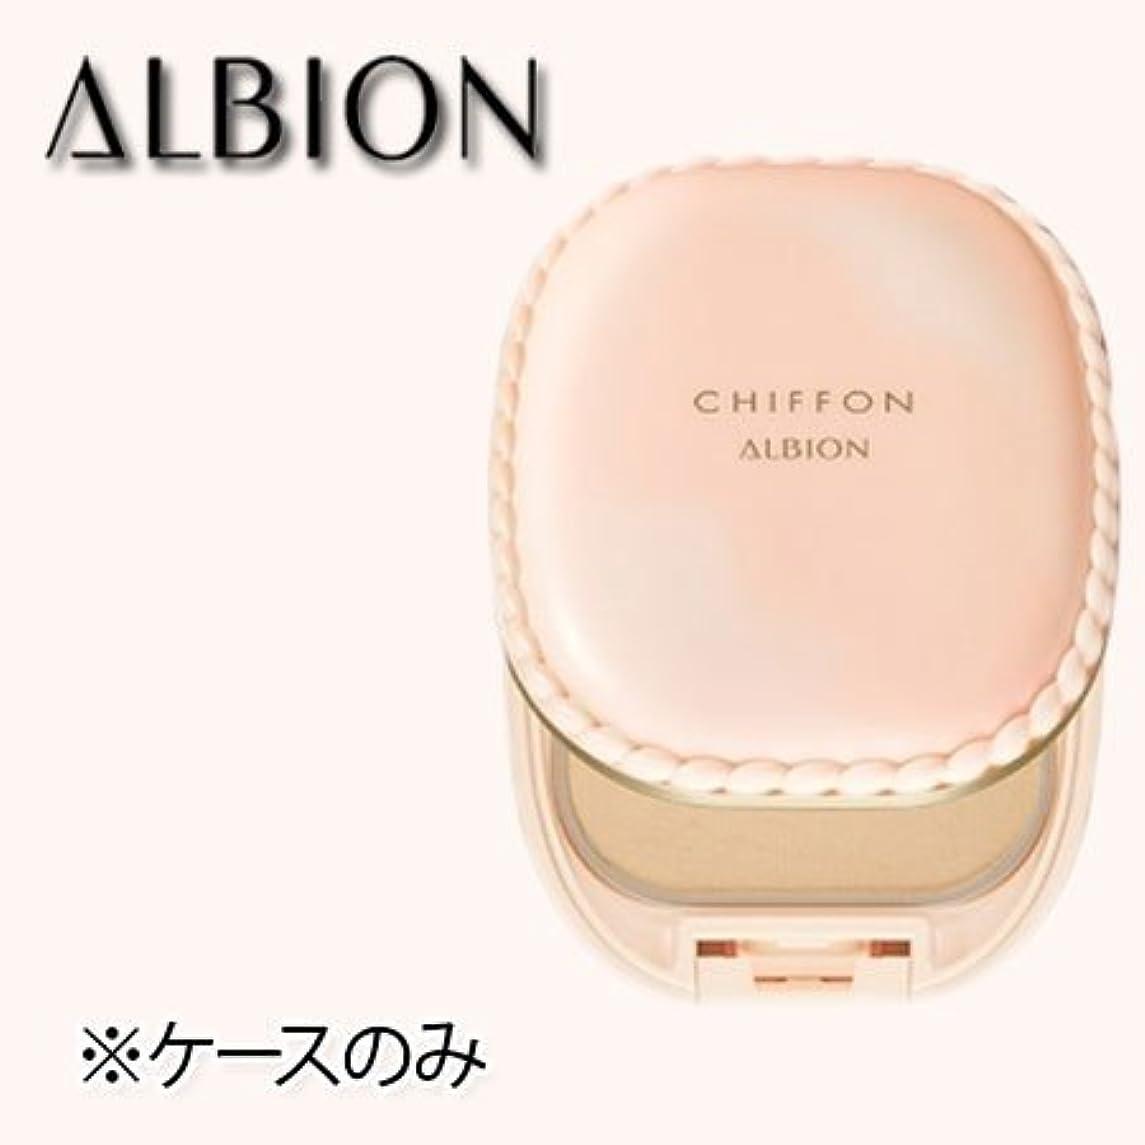 クーポン理由治療アルビオン スウィート モイスチュア シフォンケース (マット付ケース) -ALBION-